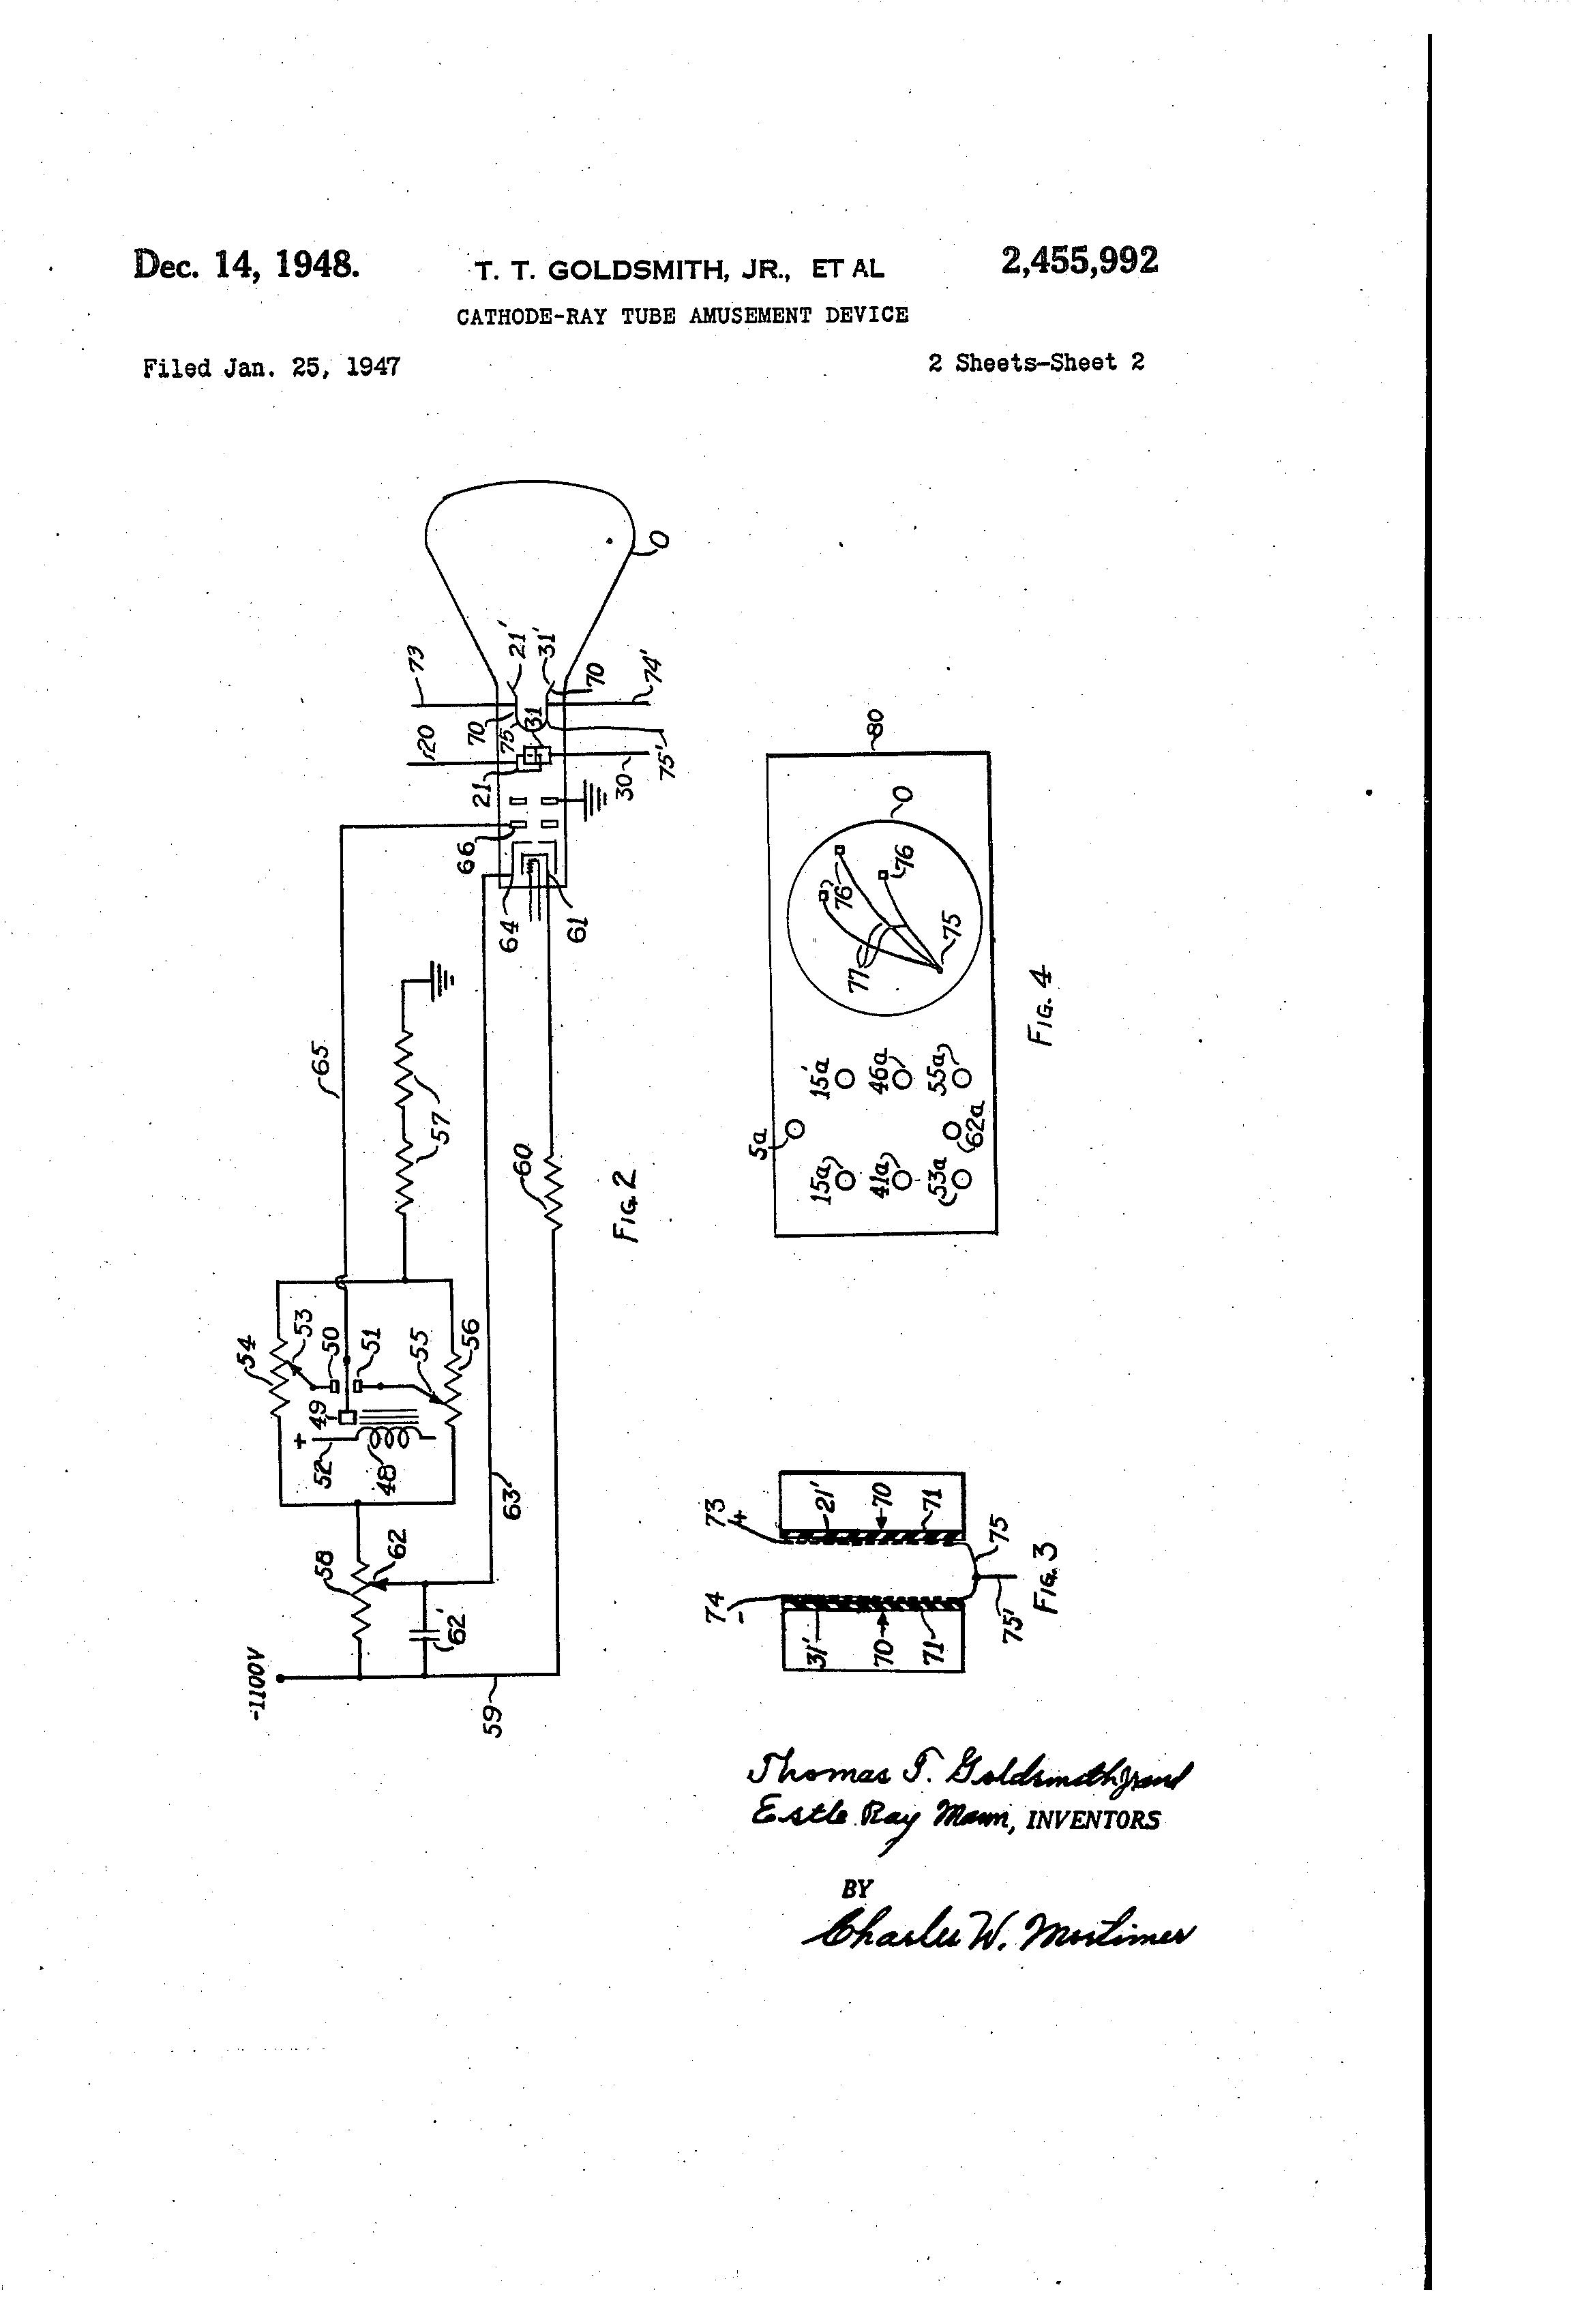 Clifford Cyber Wiring Diagram 2 Source Patentimagesstoragegoogleapiscom